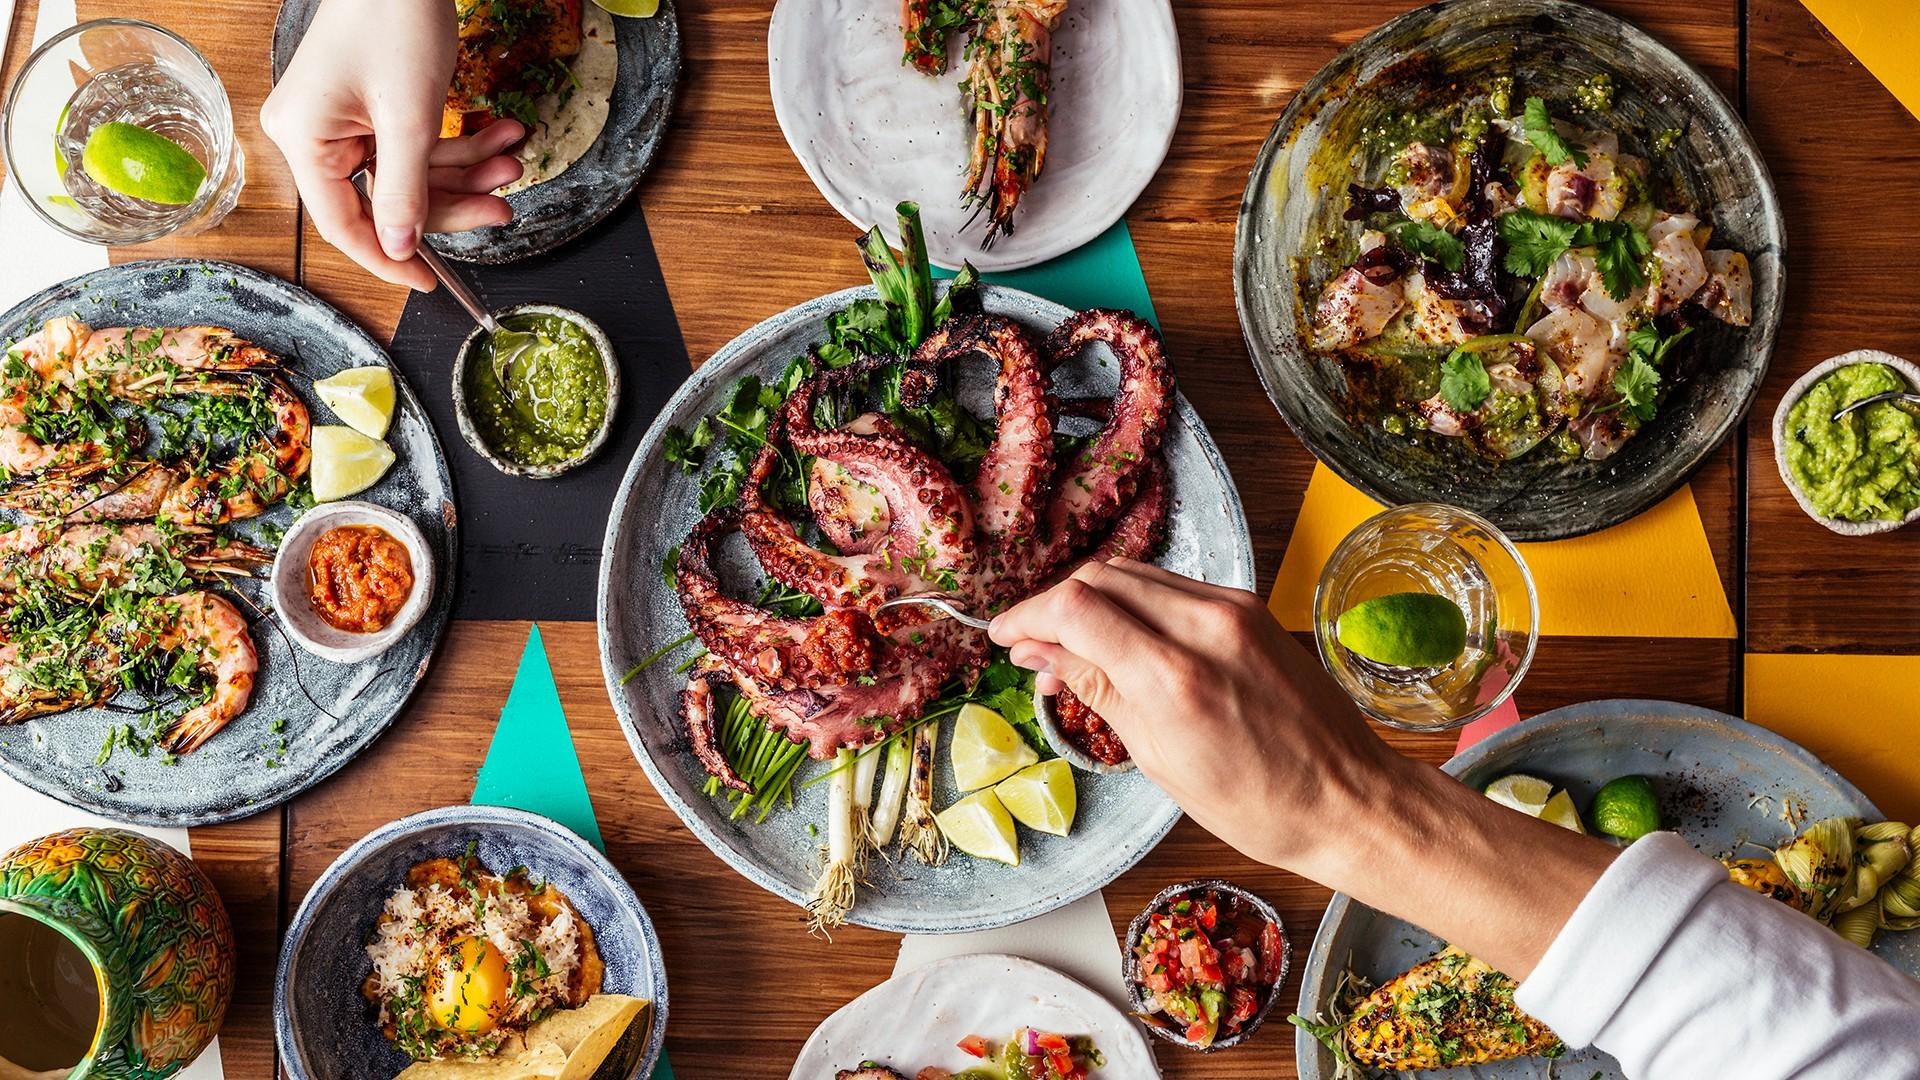 Soho restaurant guide: Breddos tacos